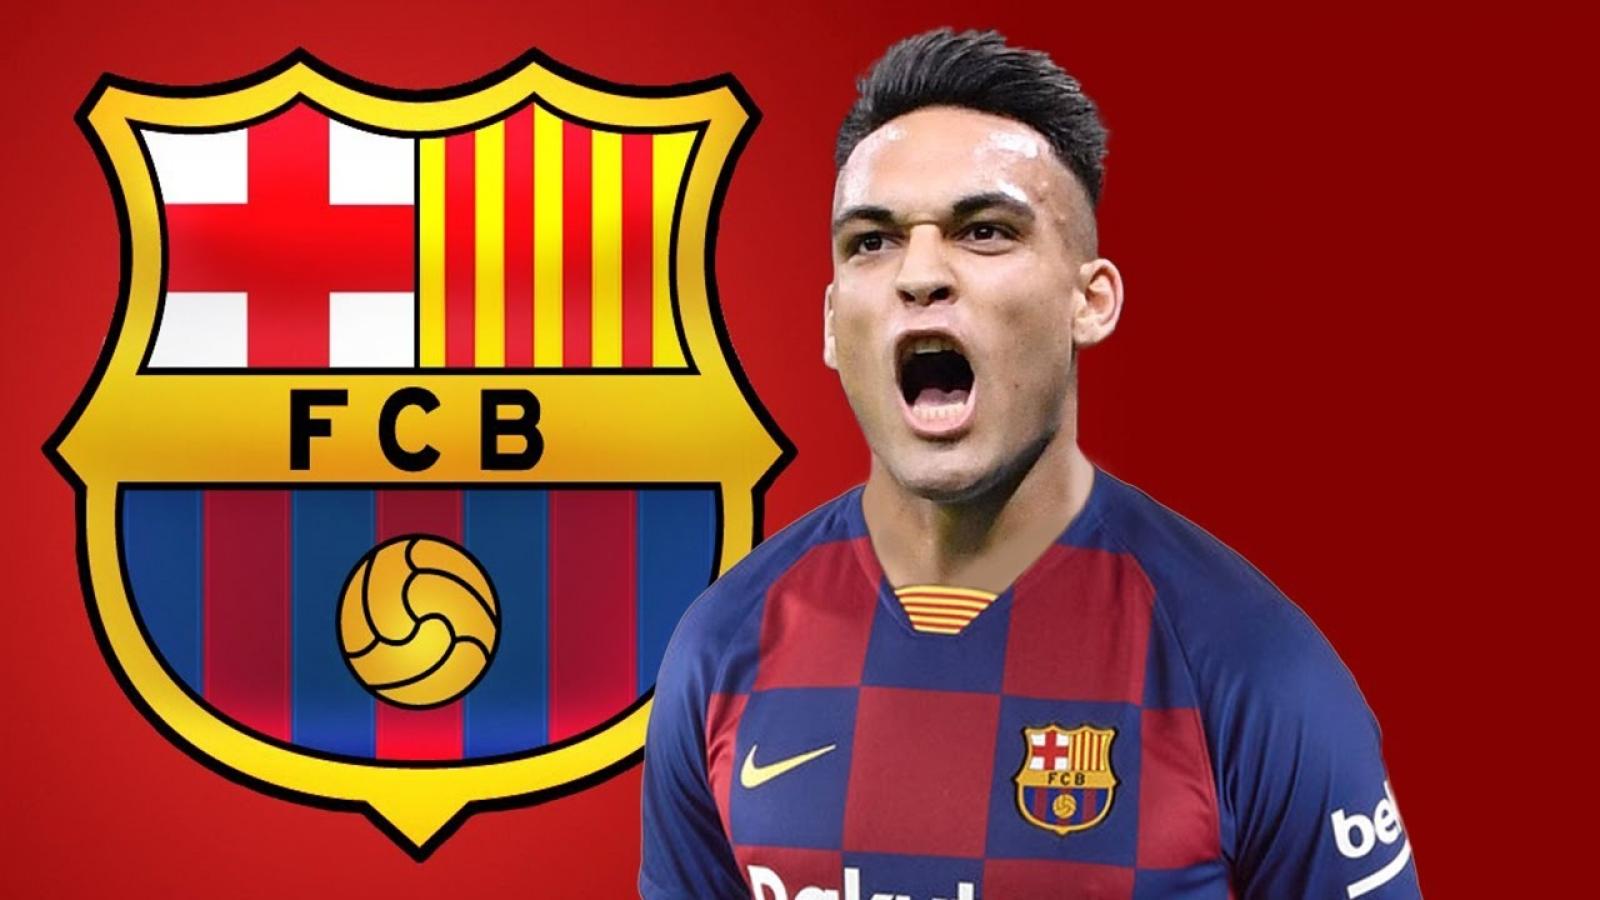 """Đội hình """"siêu tấn công"""" của Barca khi chiêu mộ thành công Lautaro Martinez"""